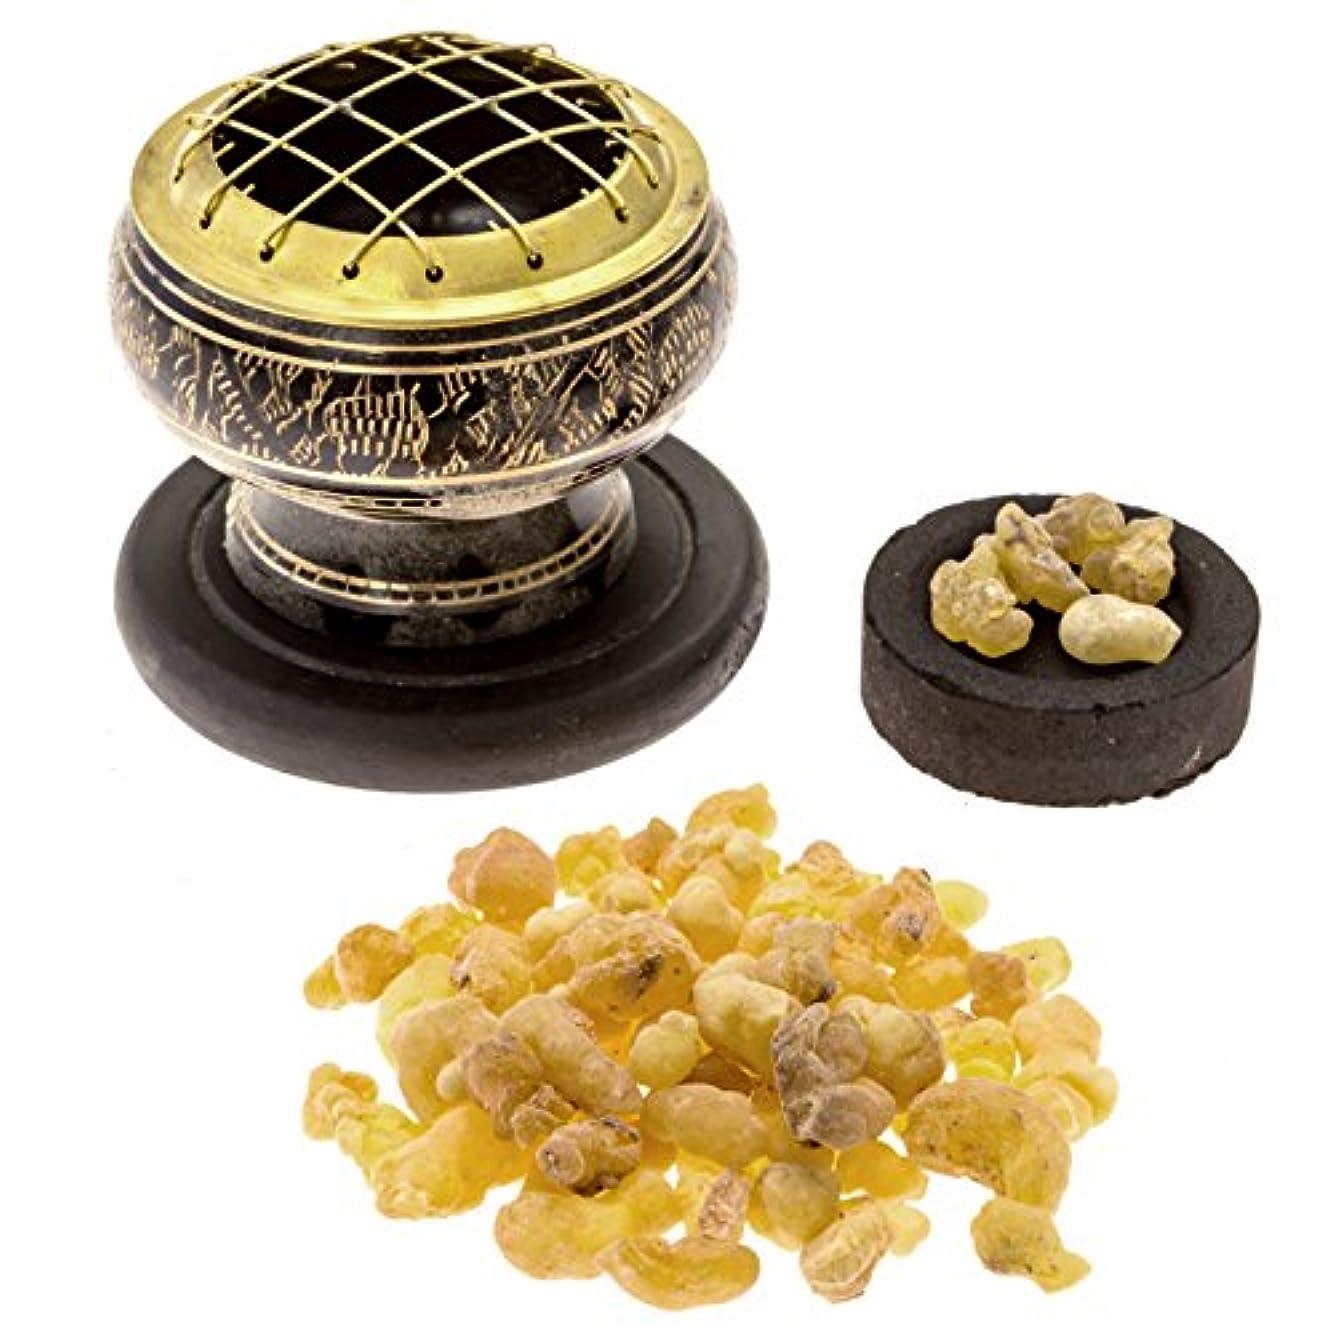 無実クラブ分子プレミアムFrankincense Burningキット( withチベット香炉または真鍮画面Burner ) (真鍮Burner )